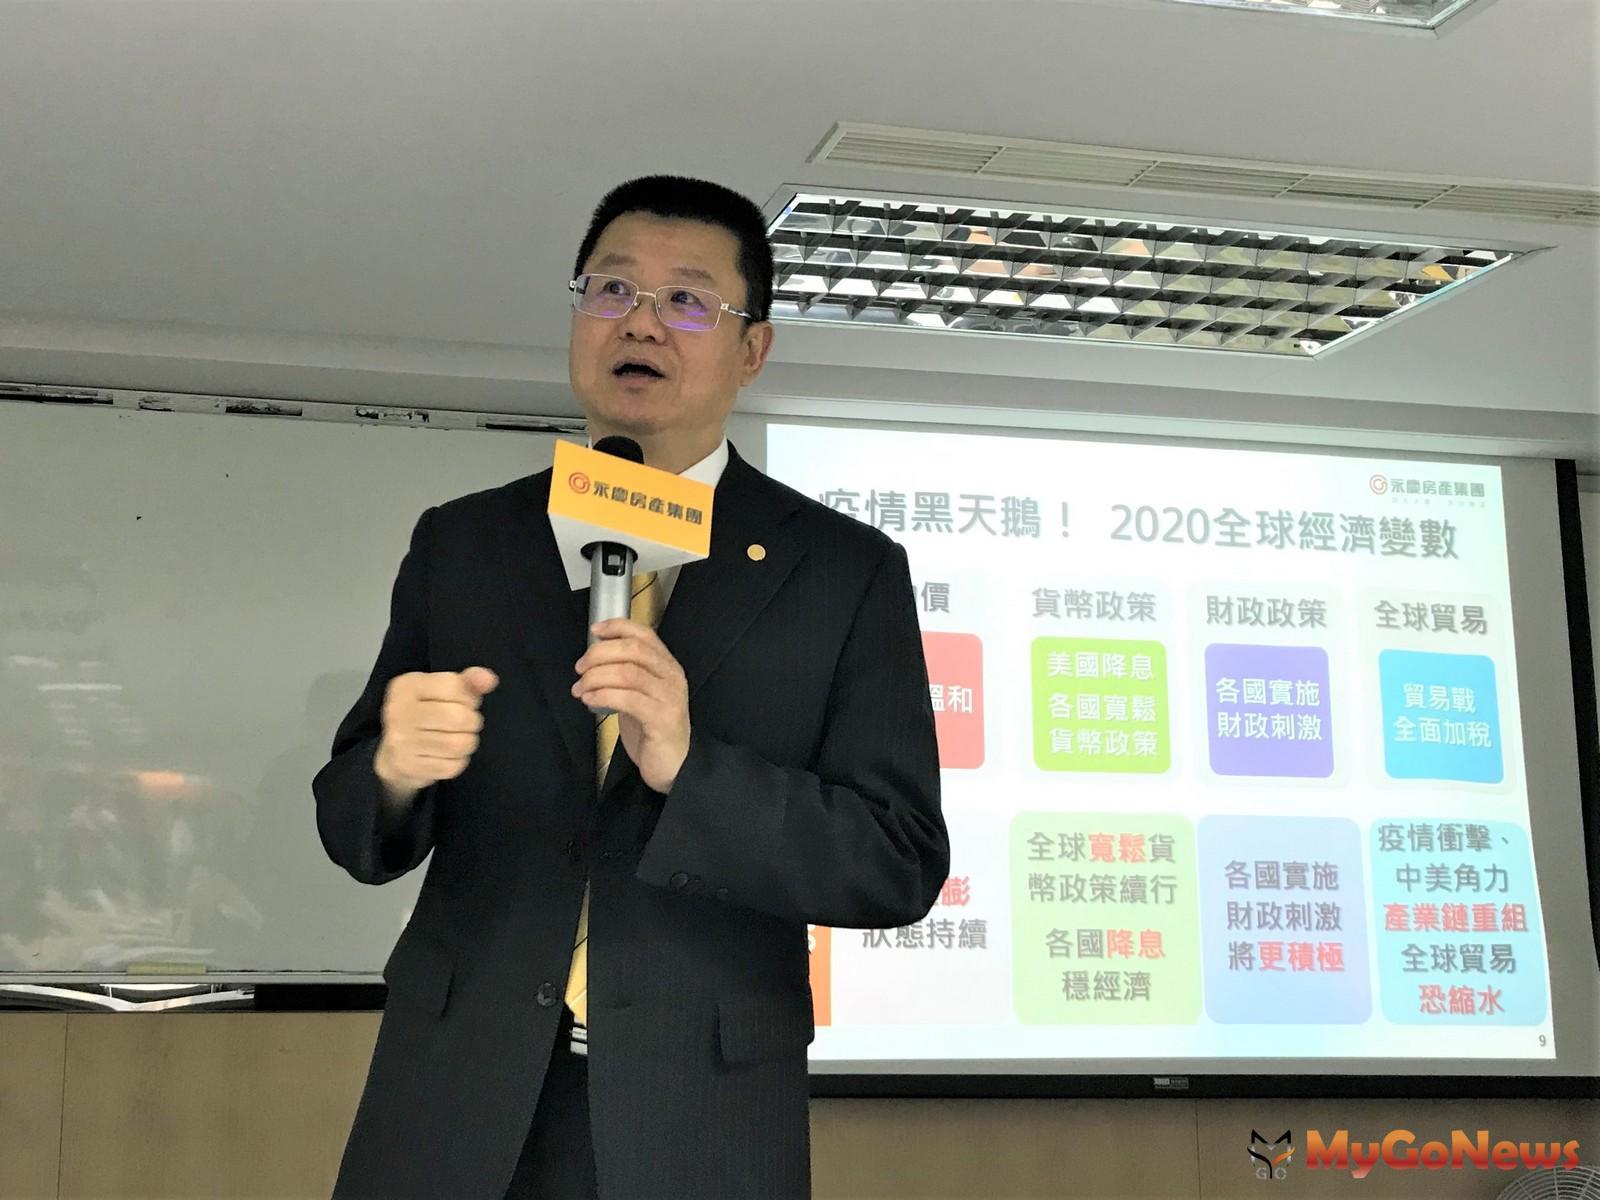 永慶房產集團業務總經理葉凌棋表示:上半年交易量估14.2-14.6萬棟左右,全年交易量預估在29-31萬棟之間 MyGoNews房地產新聞 市場快訊